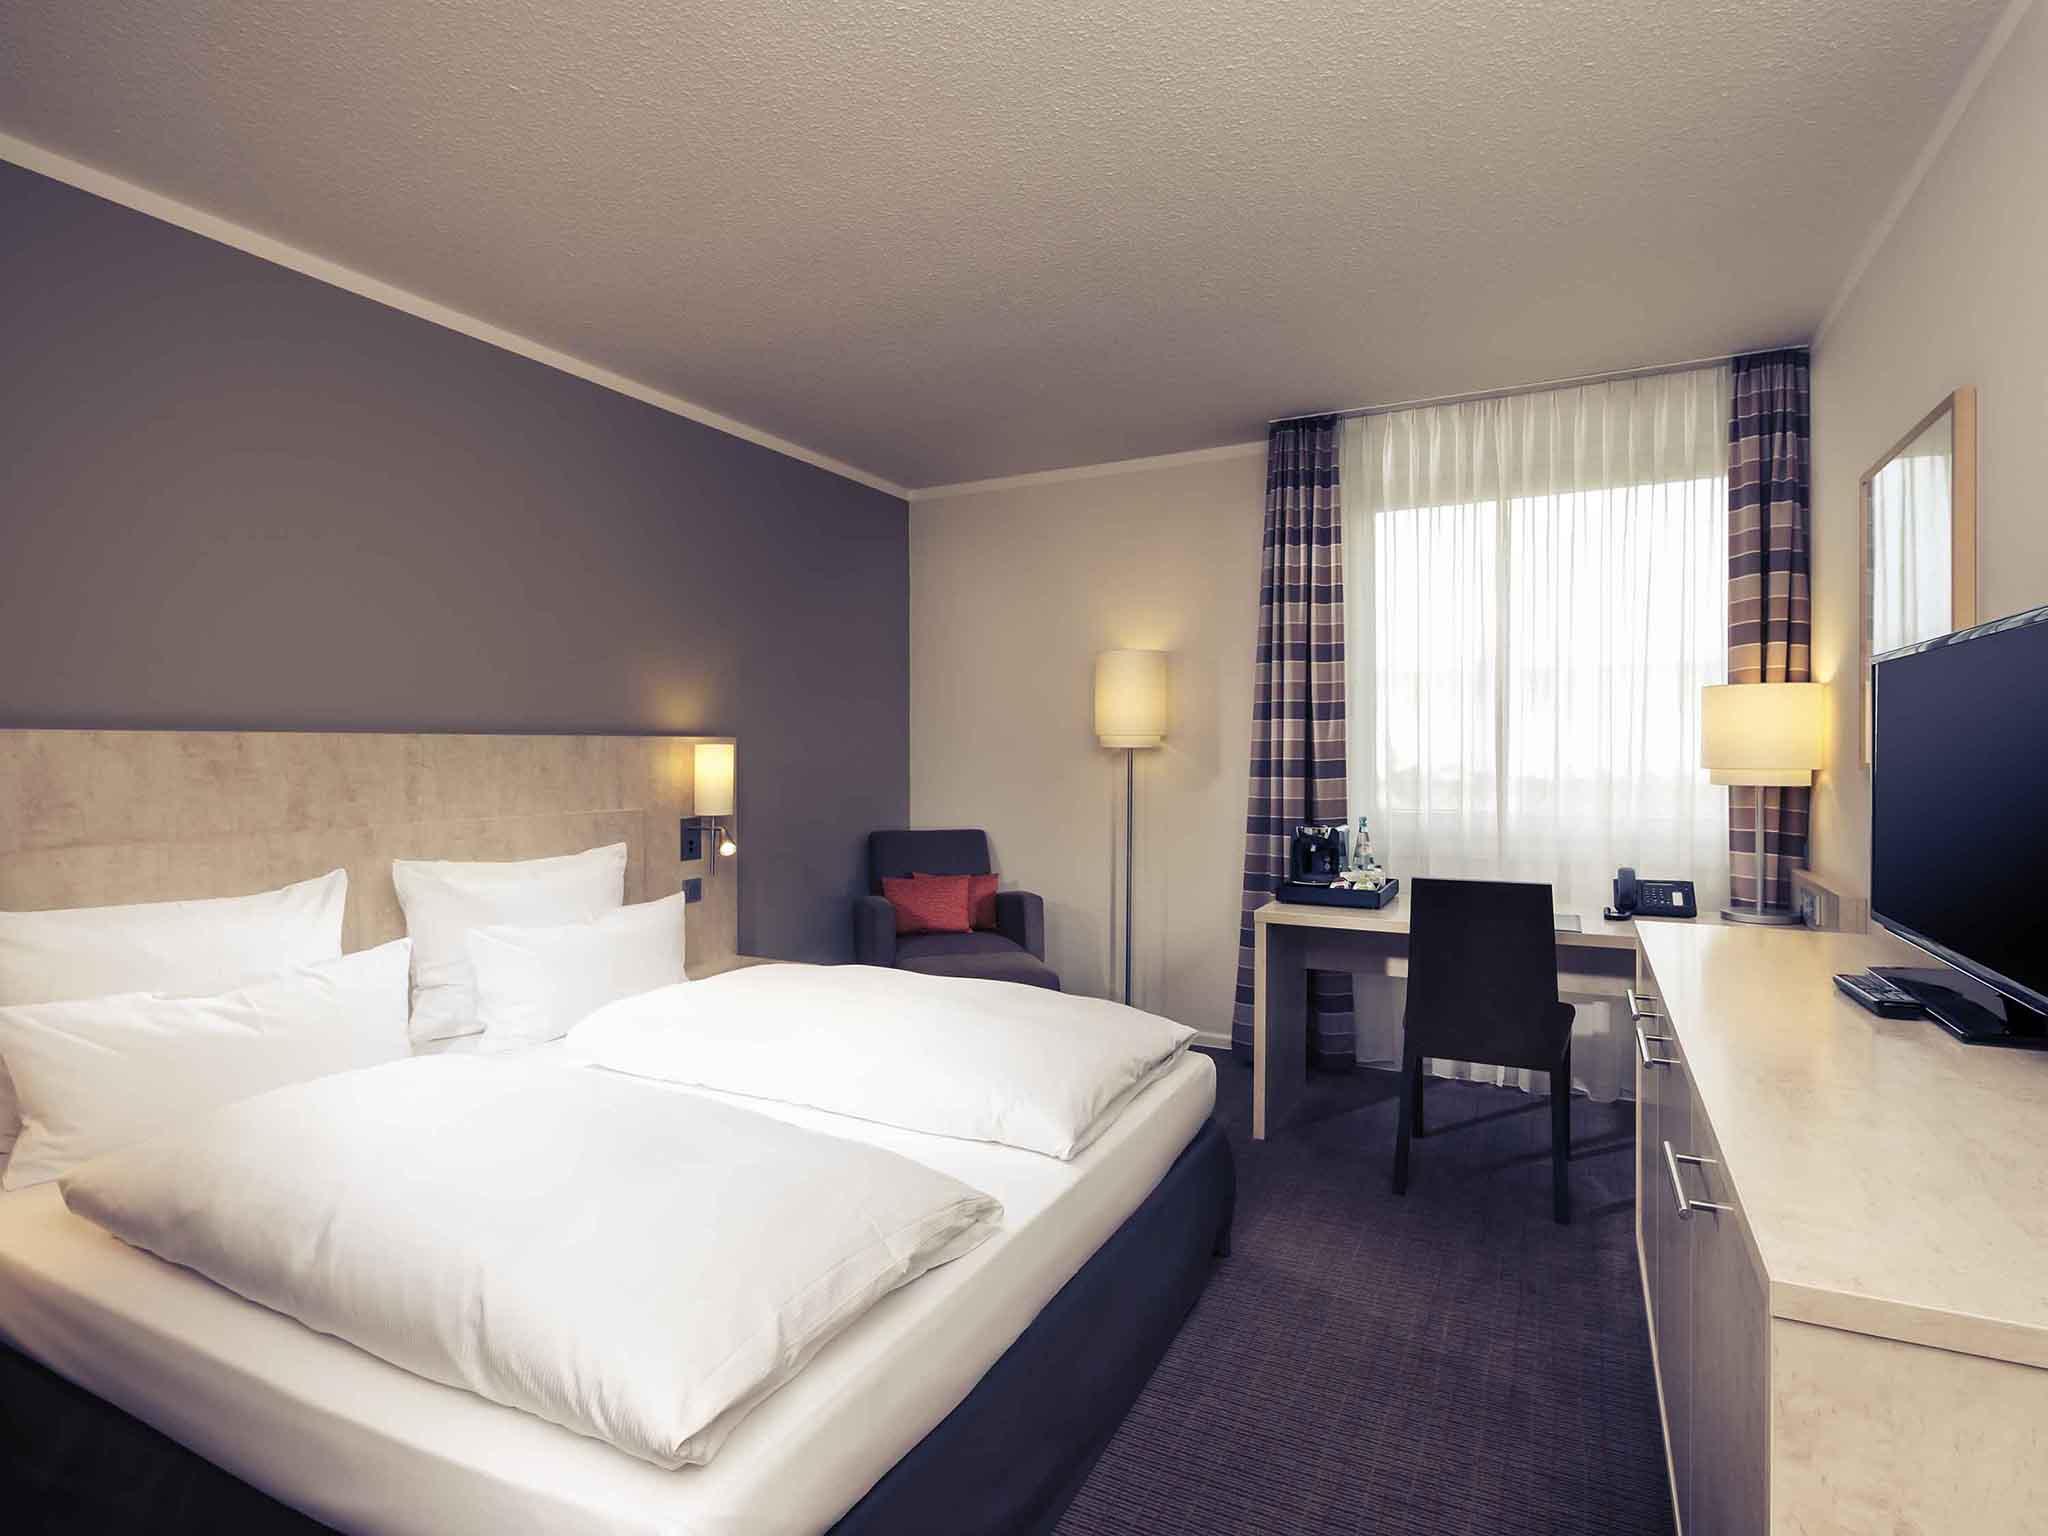 酒店 – 杜塞尔多夫南部美居酒店